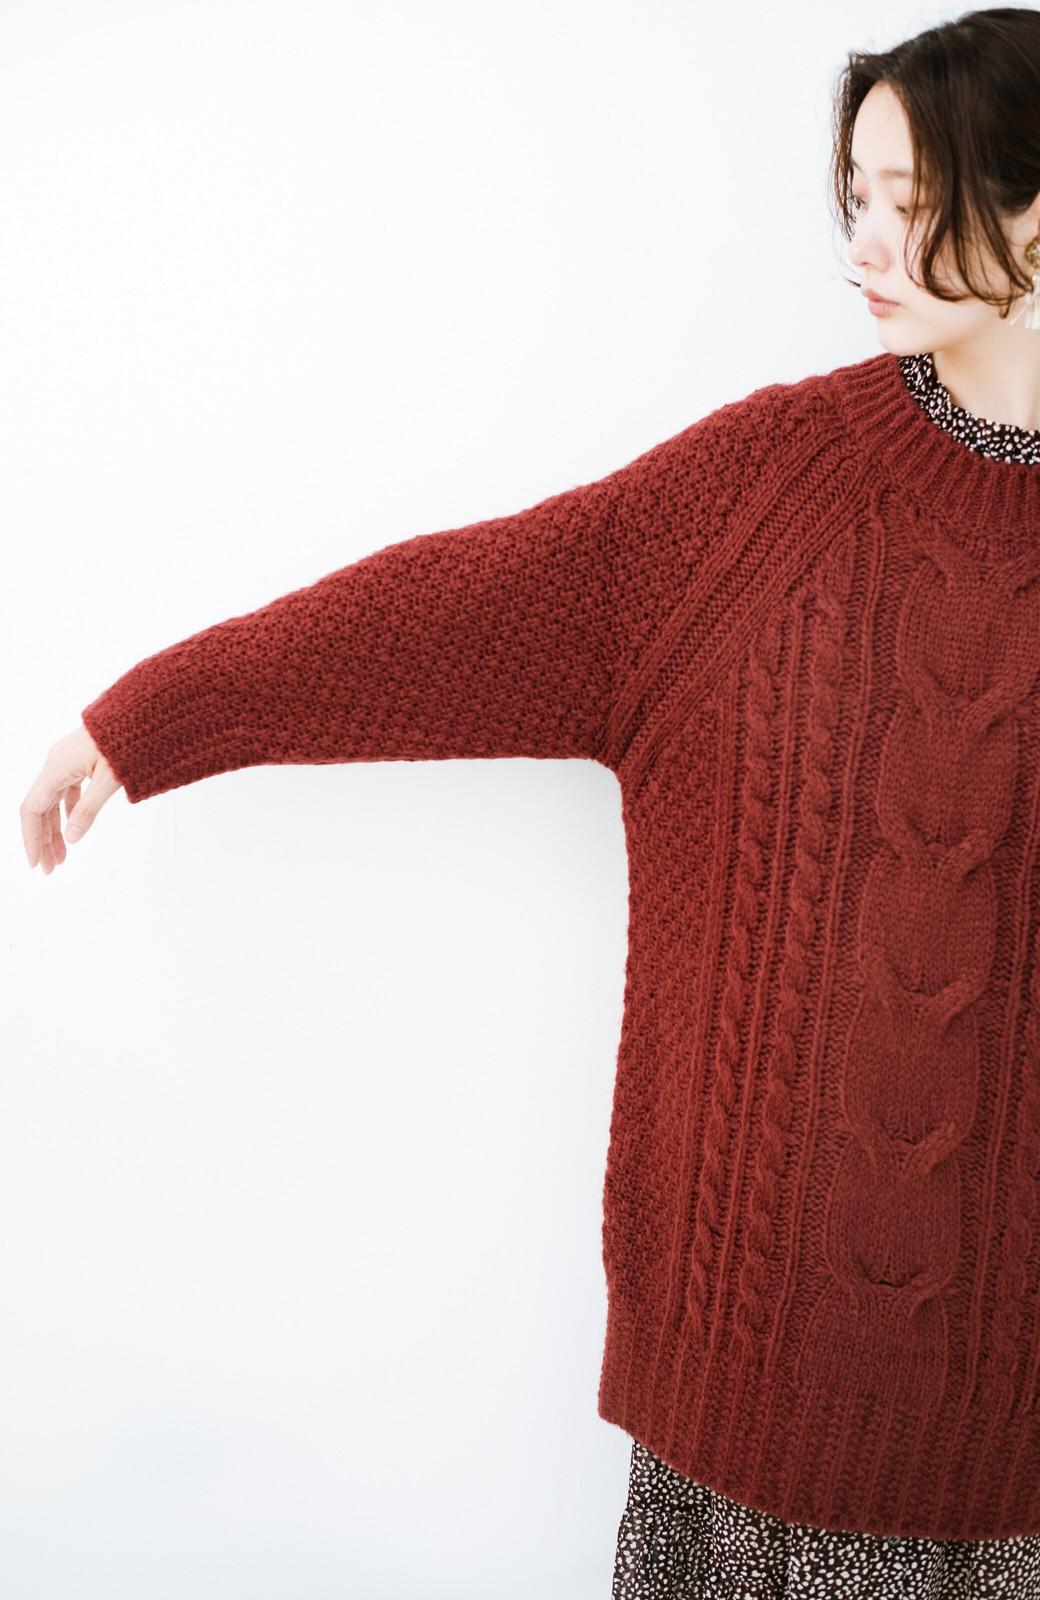 haco! あったかくてかわいくてそのうえ体形を隠してくれる!ケーブル編みのニットチュニック <ボルドー>の商品写真8